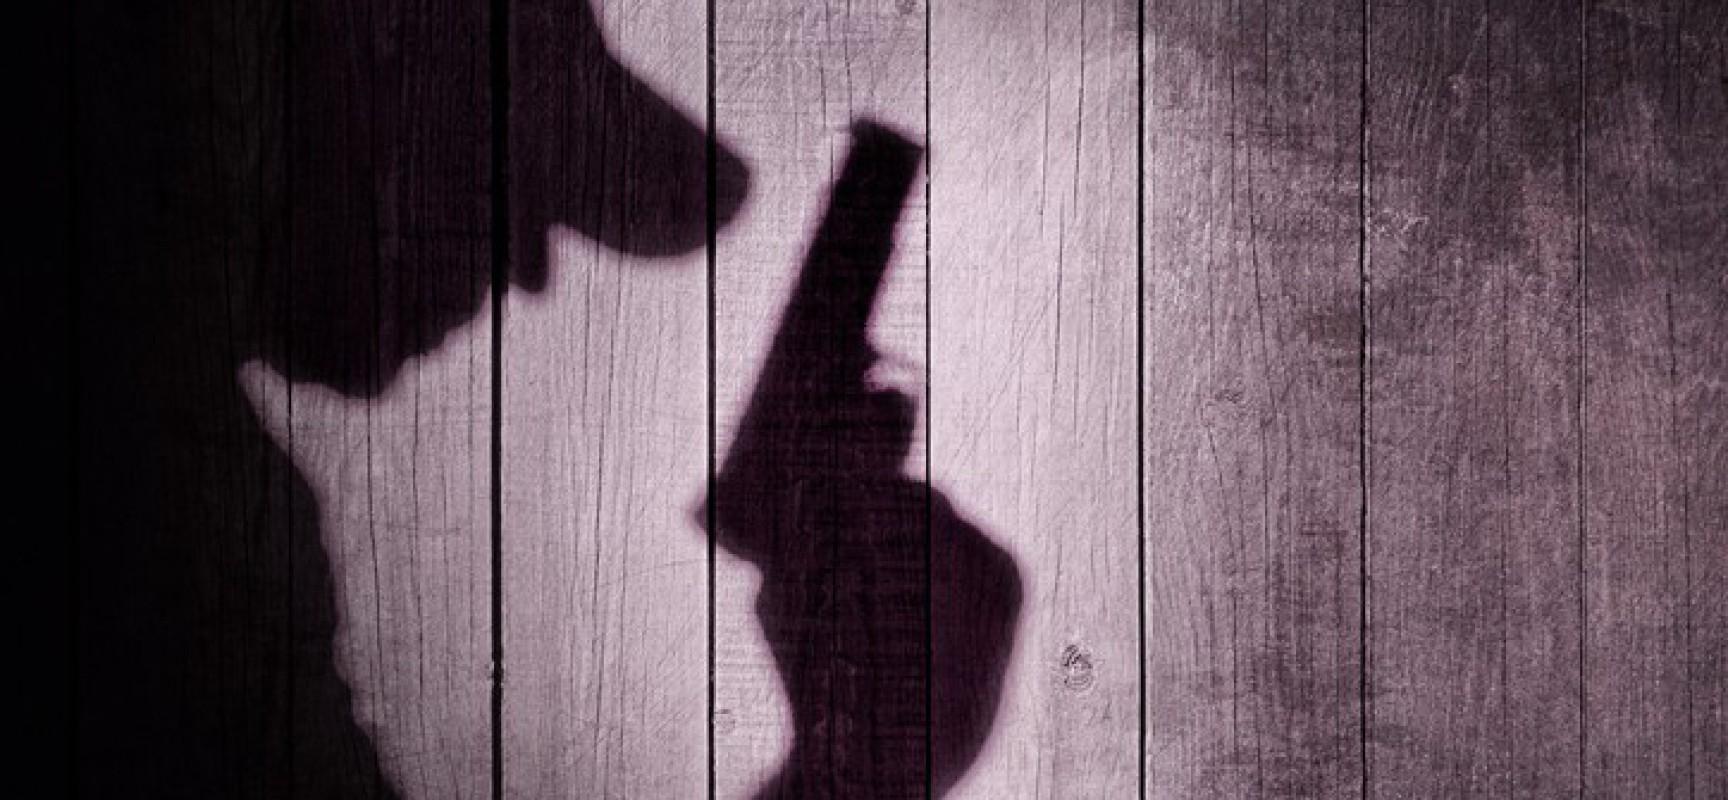 Avons-nous plus ou moins de risque de mourir assassiné qu'il y a 20 ans ?